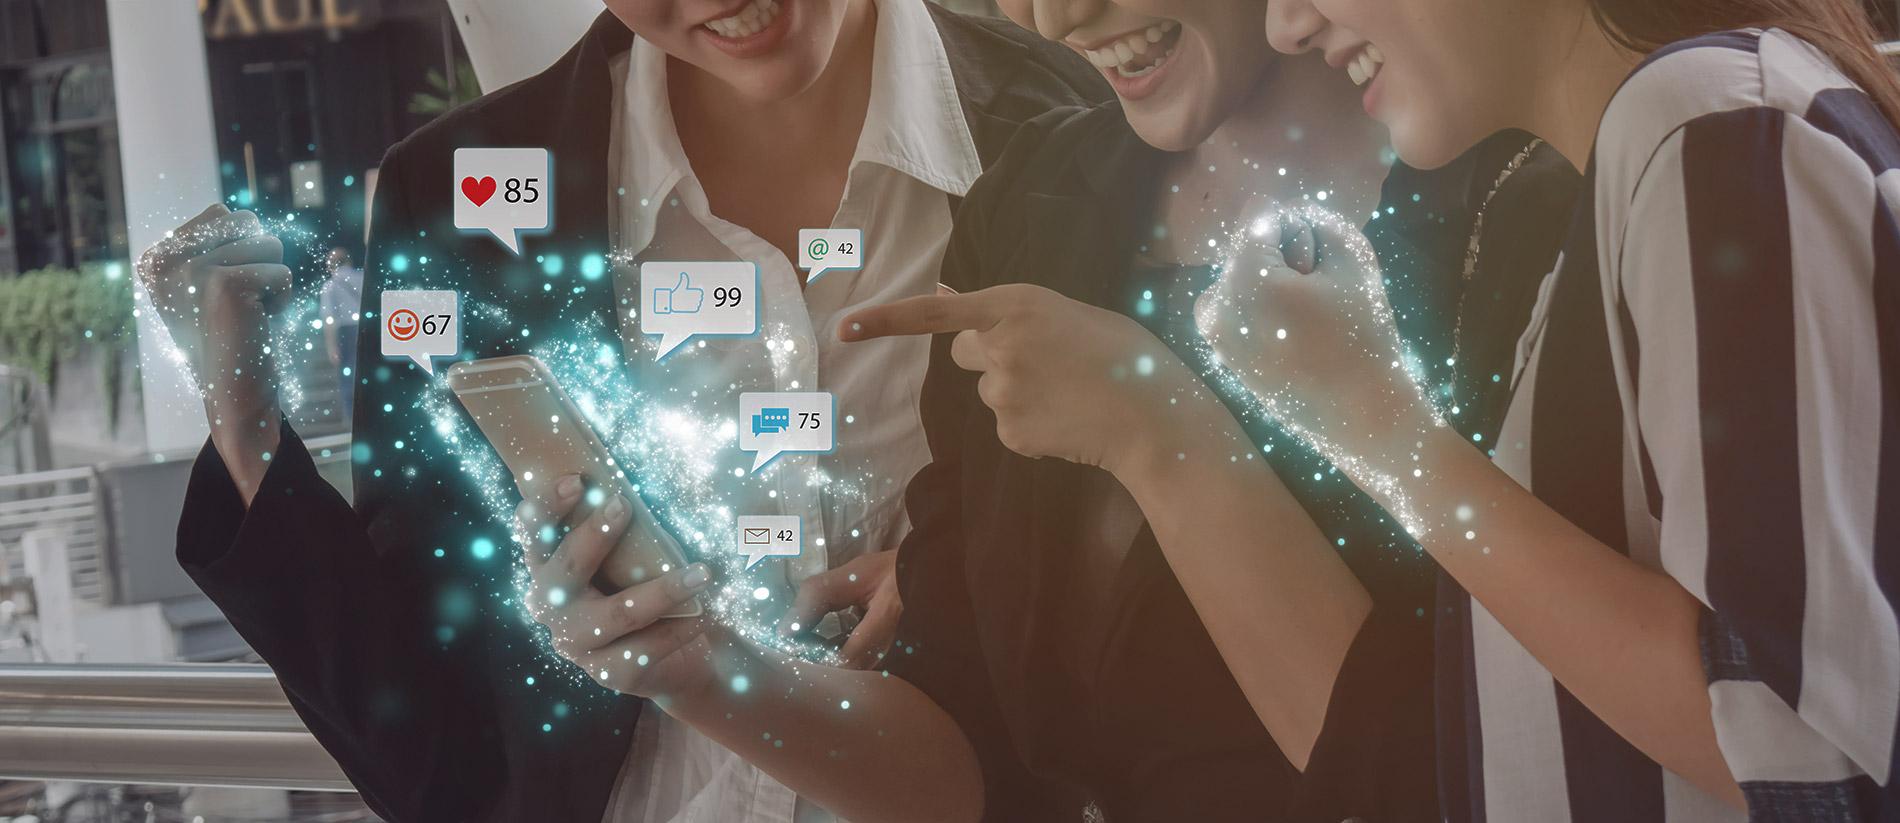 Social-Media-Girls_AdobeStock_245296048